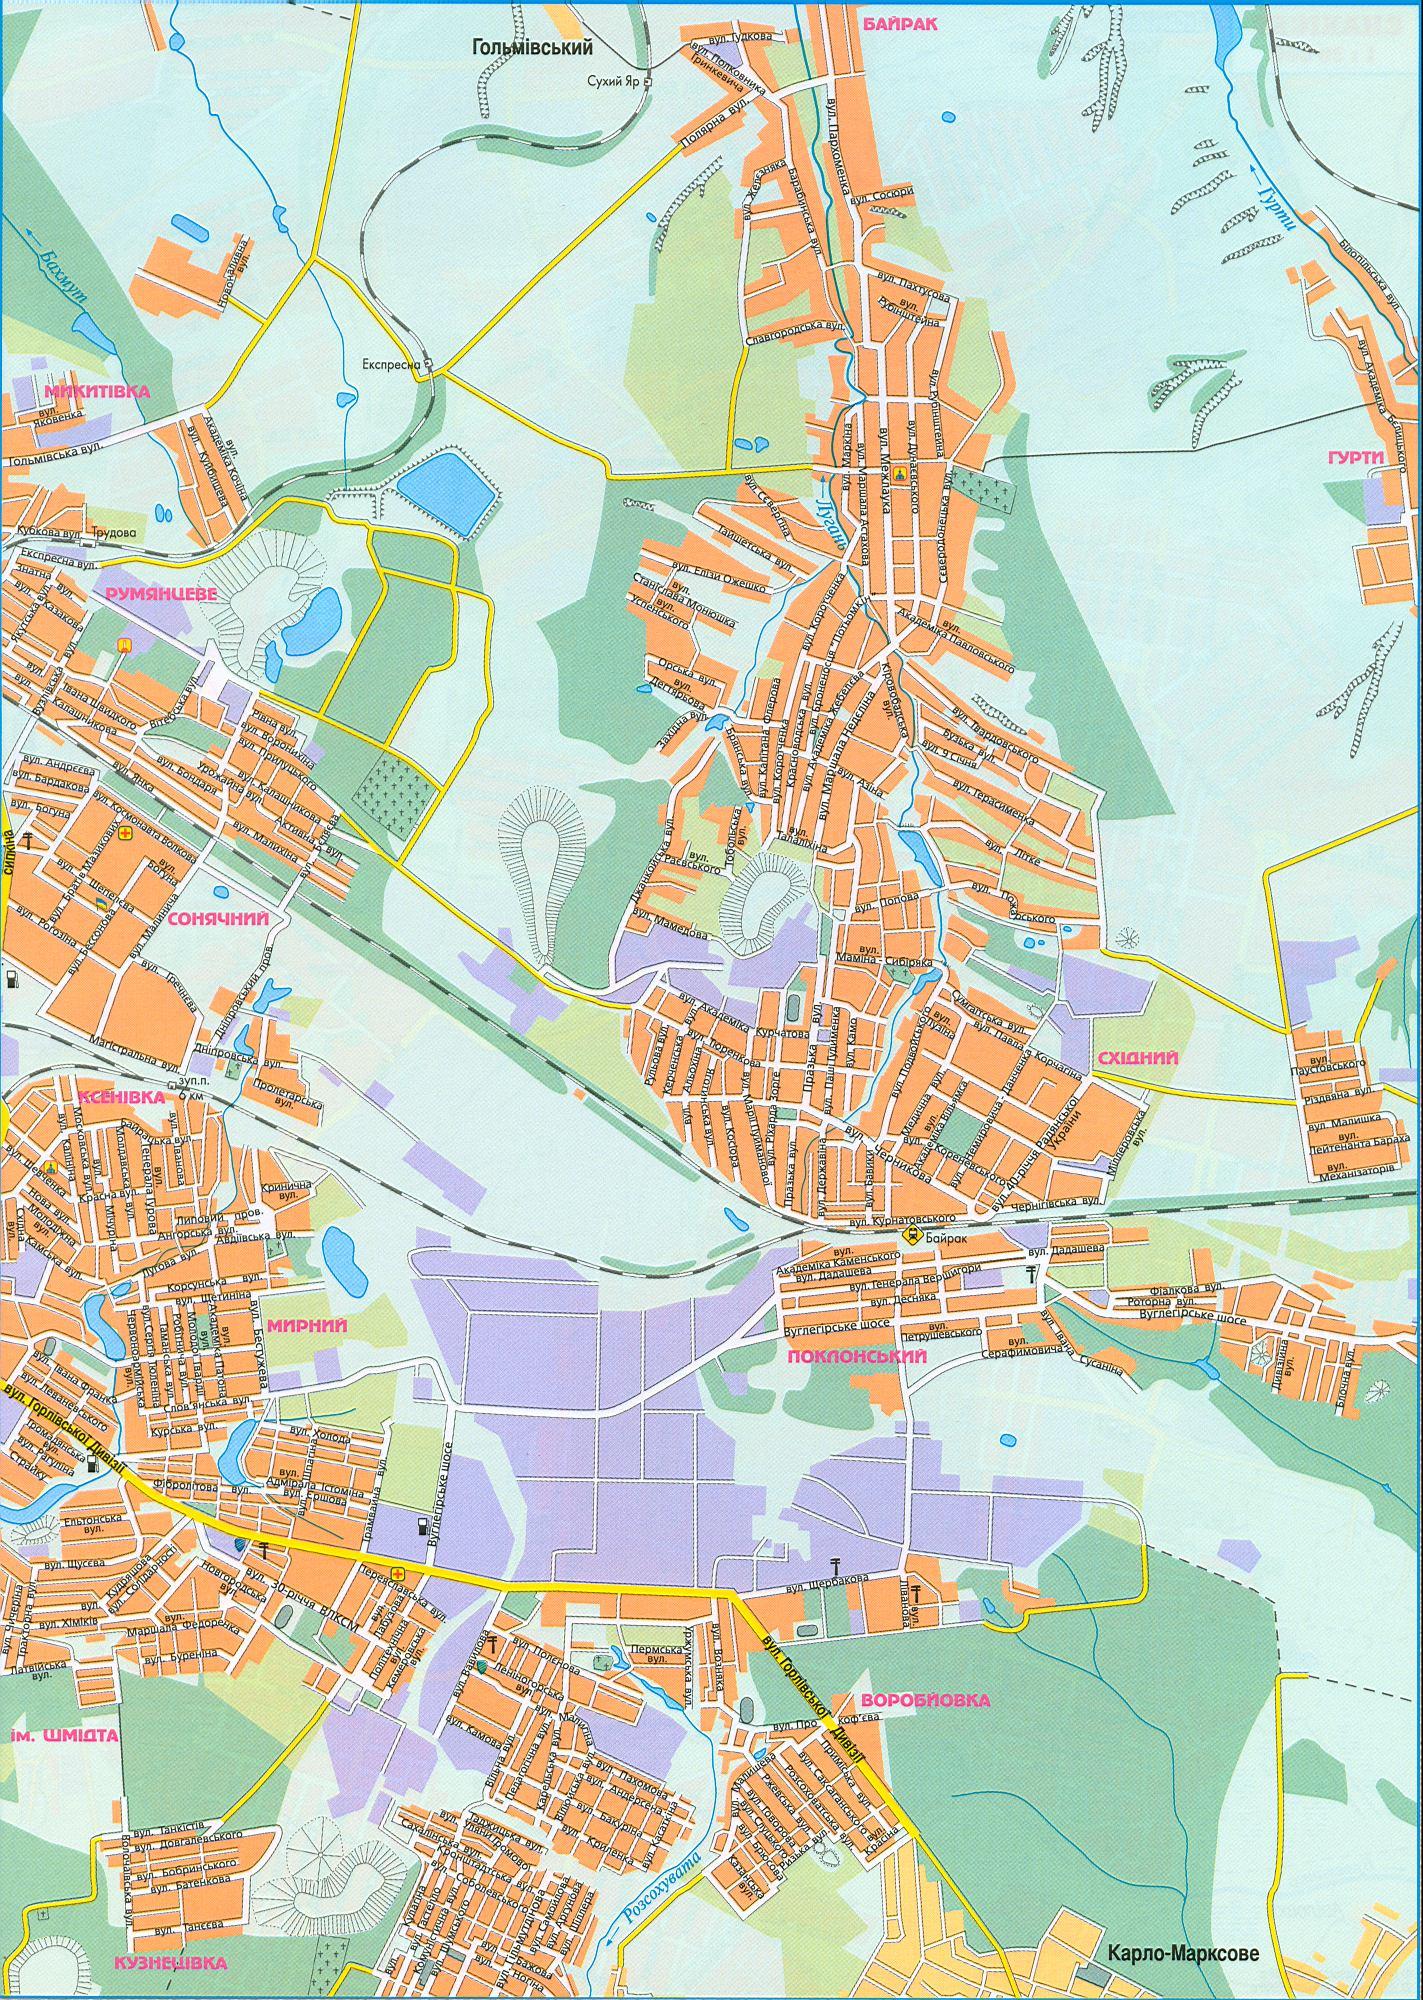 Карта Горловки.  Подробная схема улиц города Горловка, Донецкая обл, Донбасс.